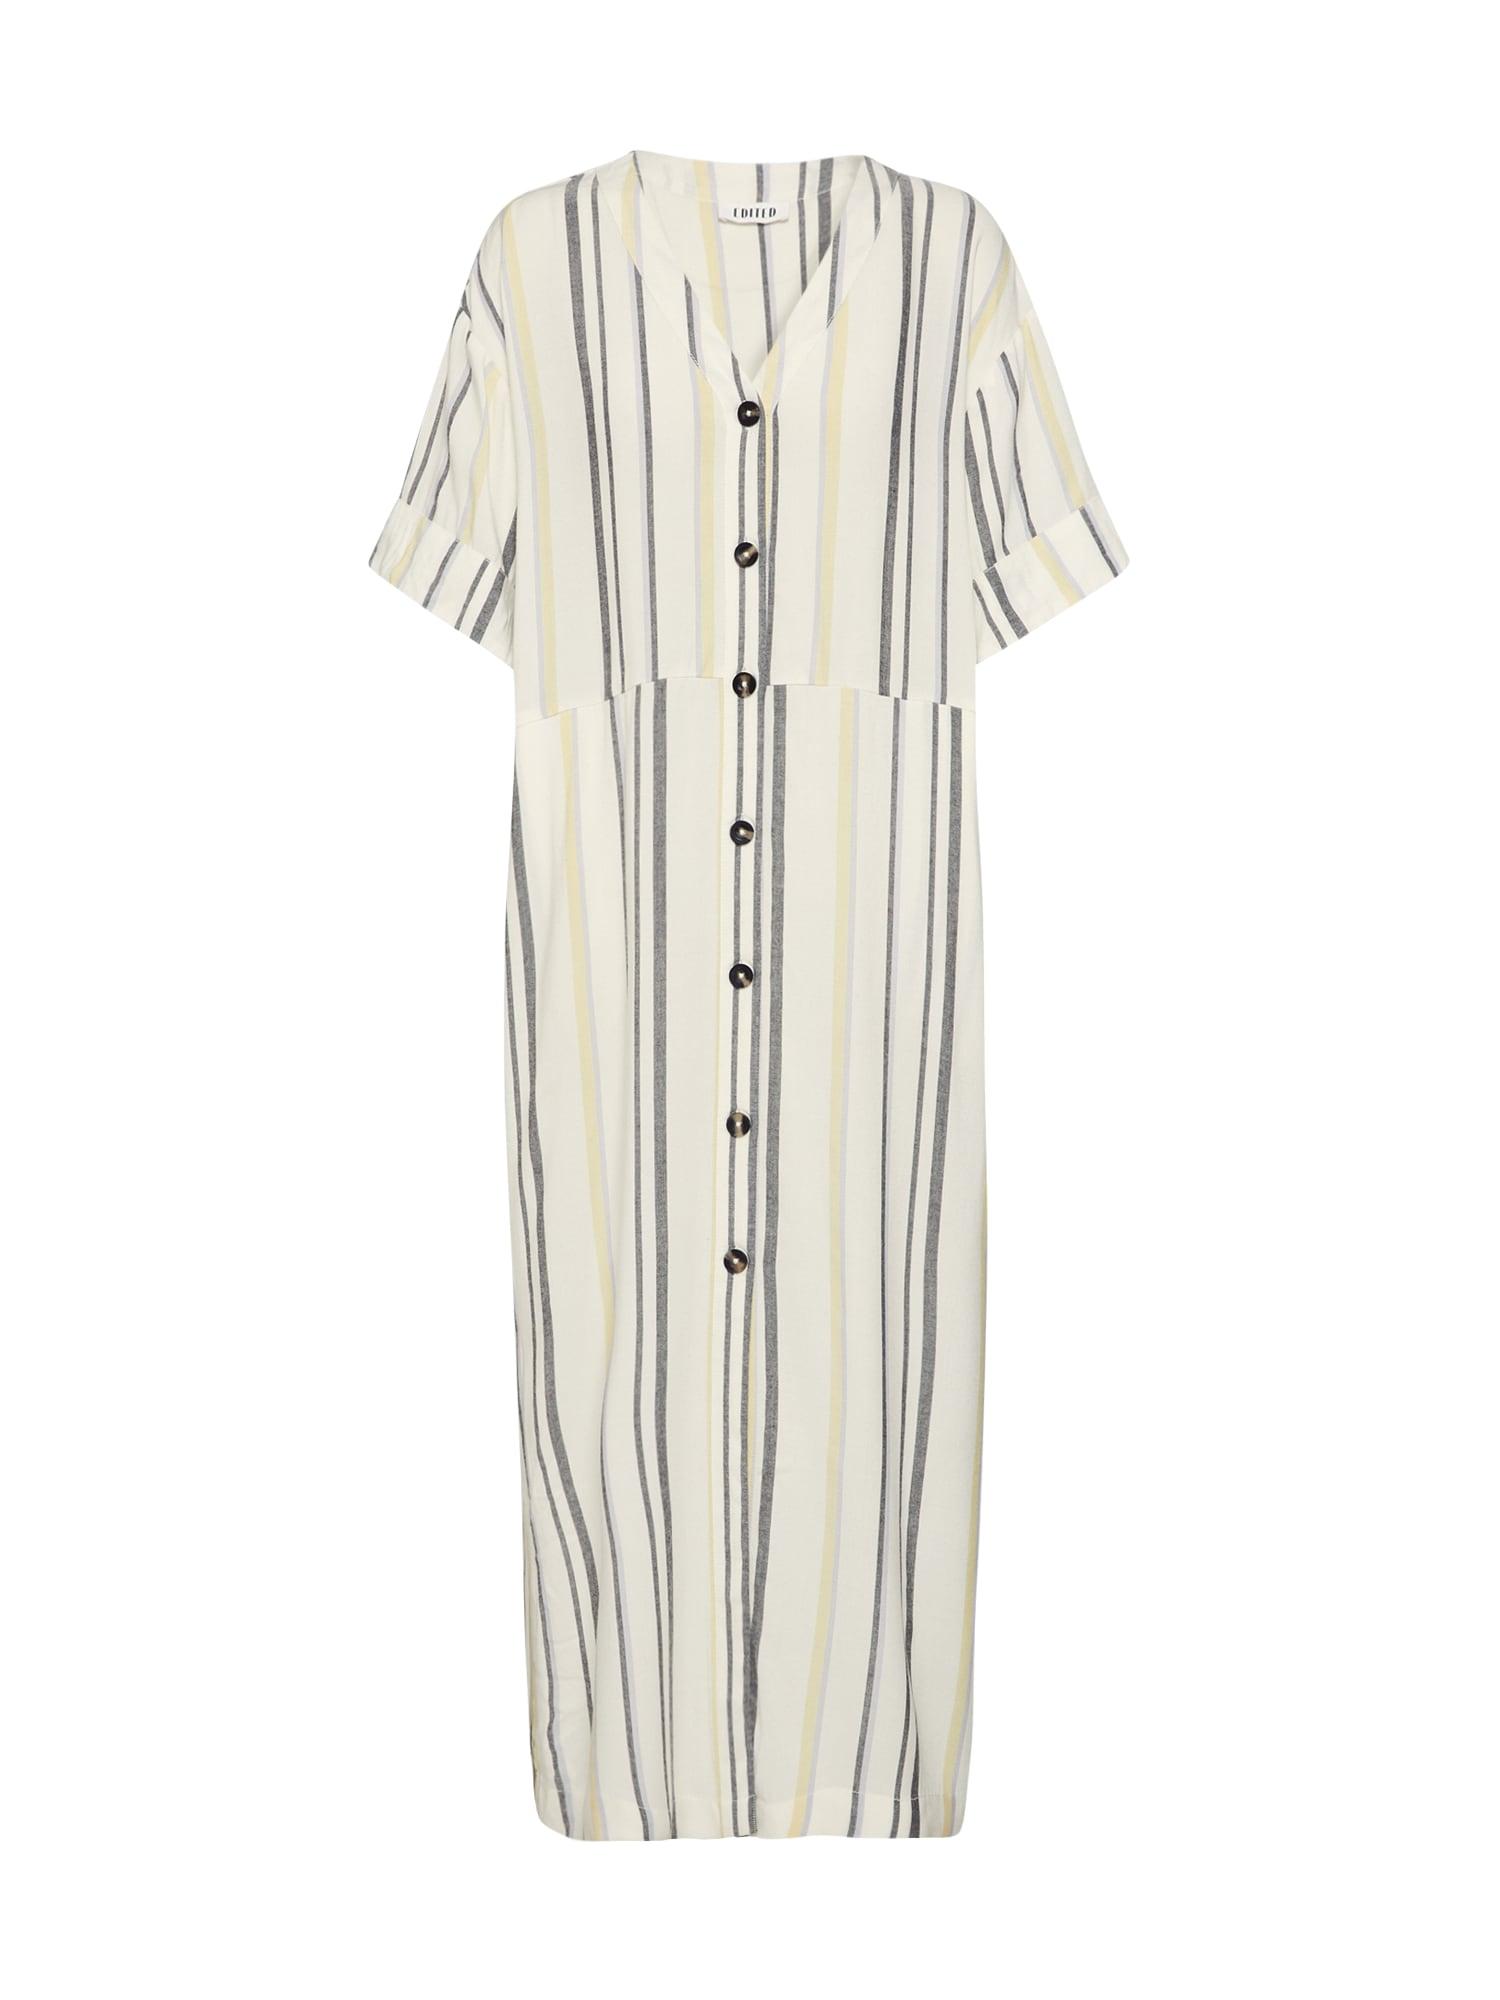 Letní šaty Yoko fialová černá bílá EDITED